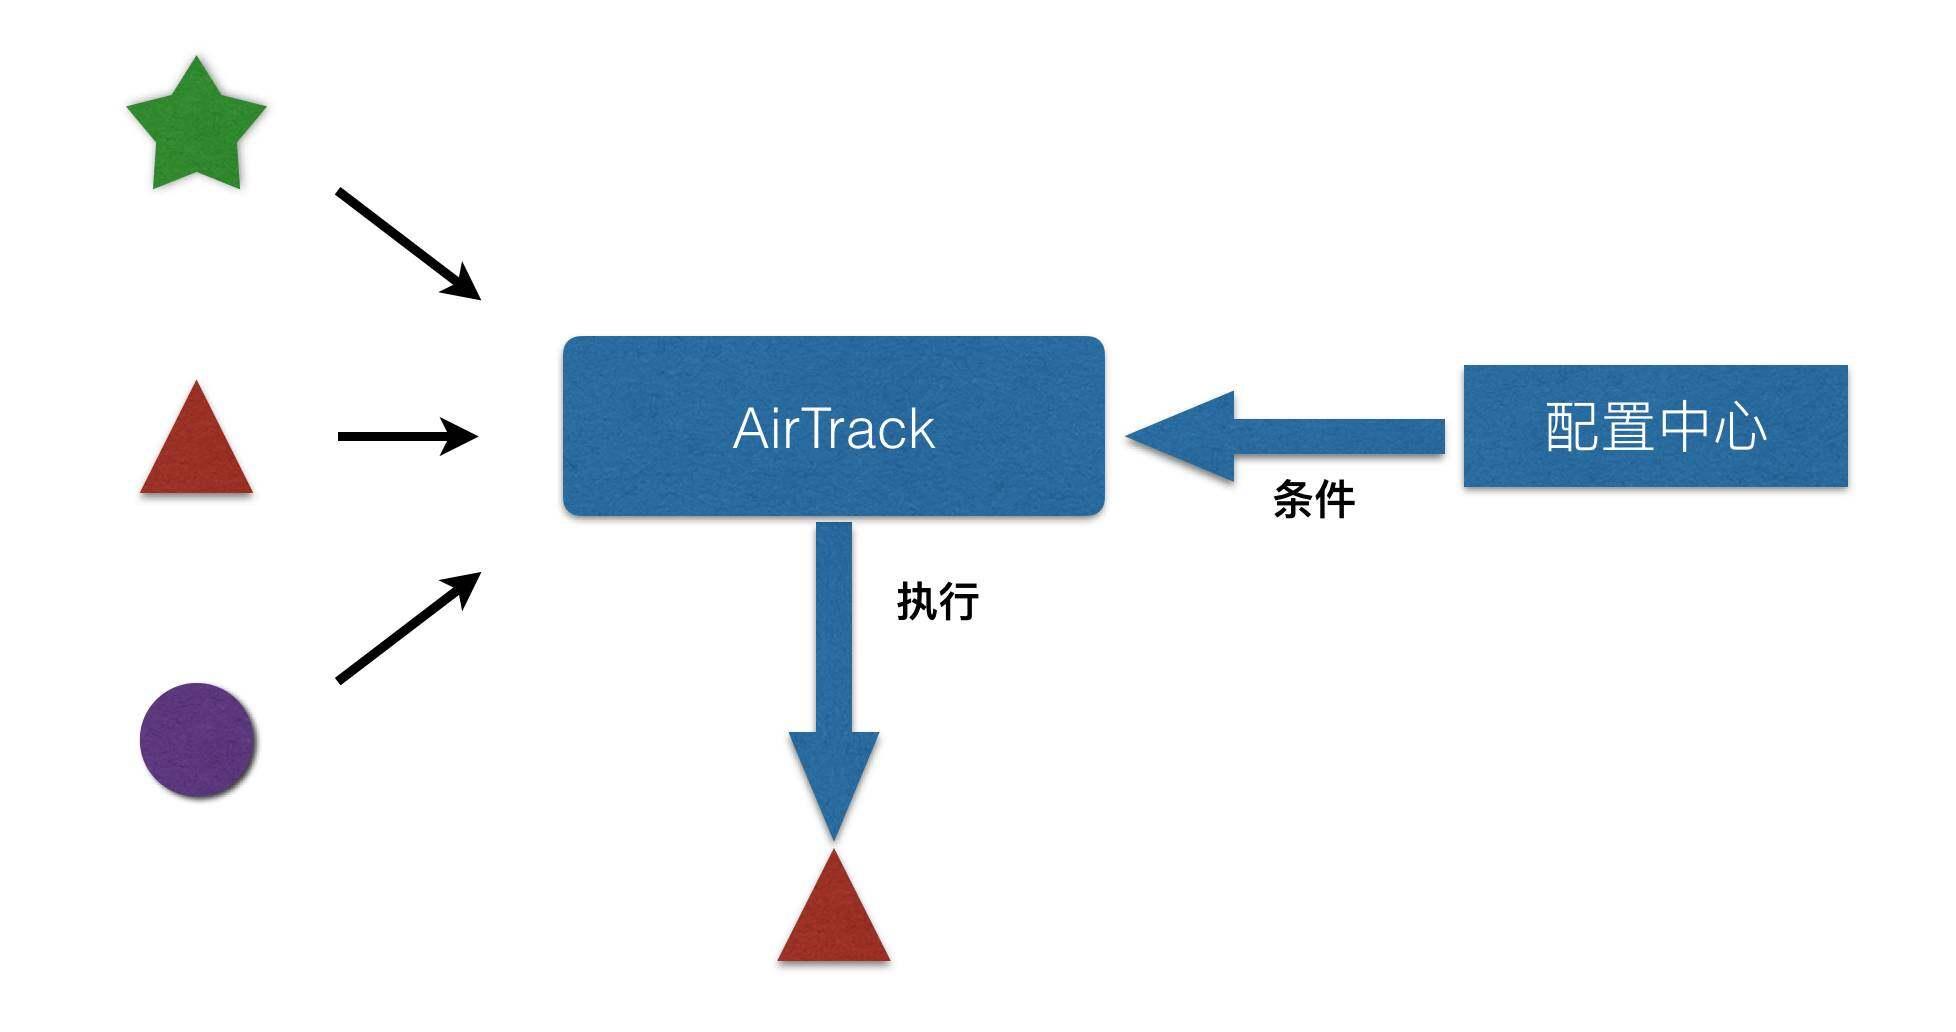 天猫App A/B测试实践